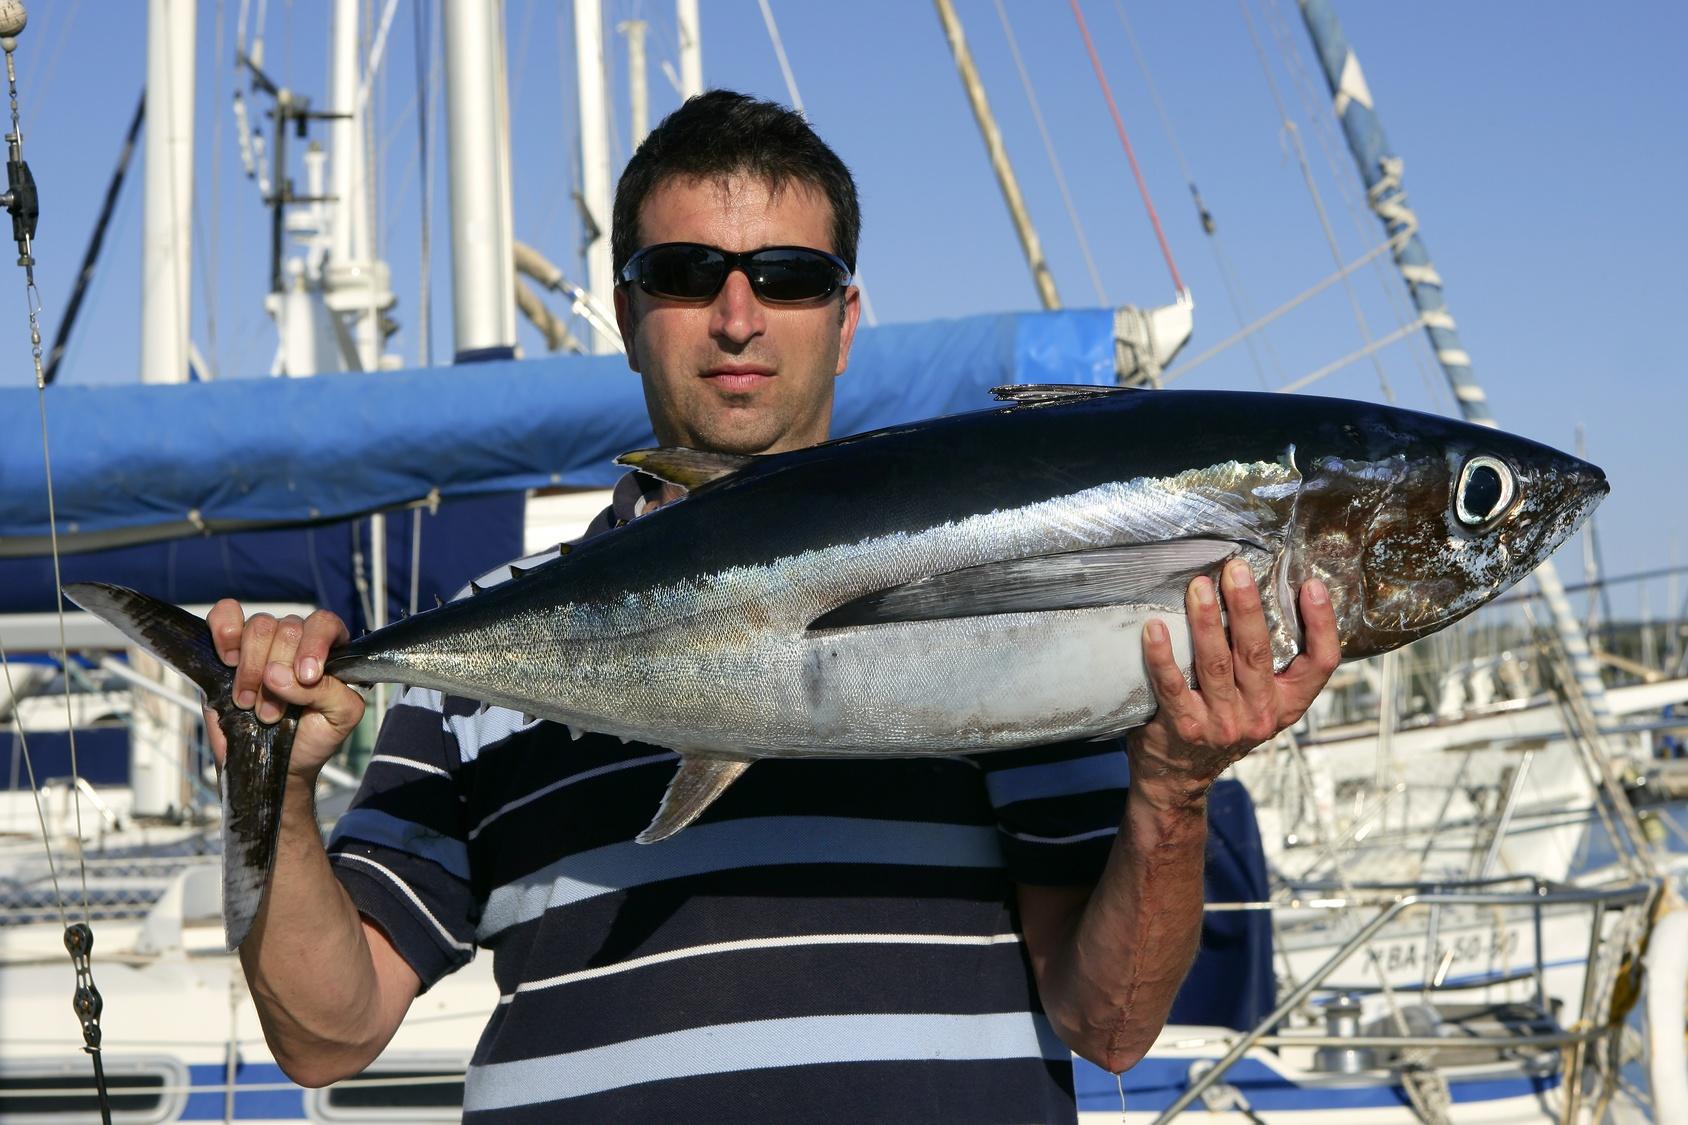 pêcheur avec grosse prise - permis hauturier